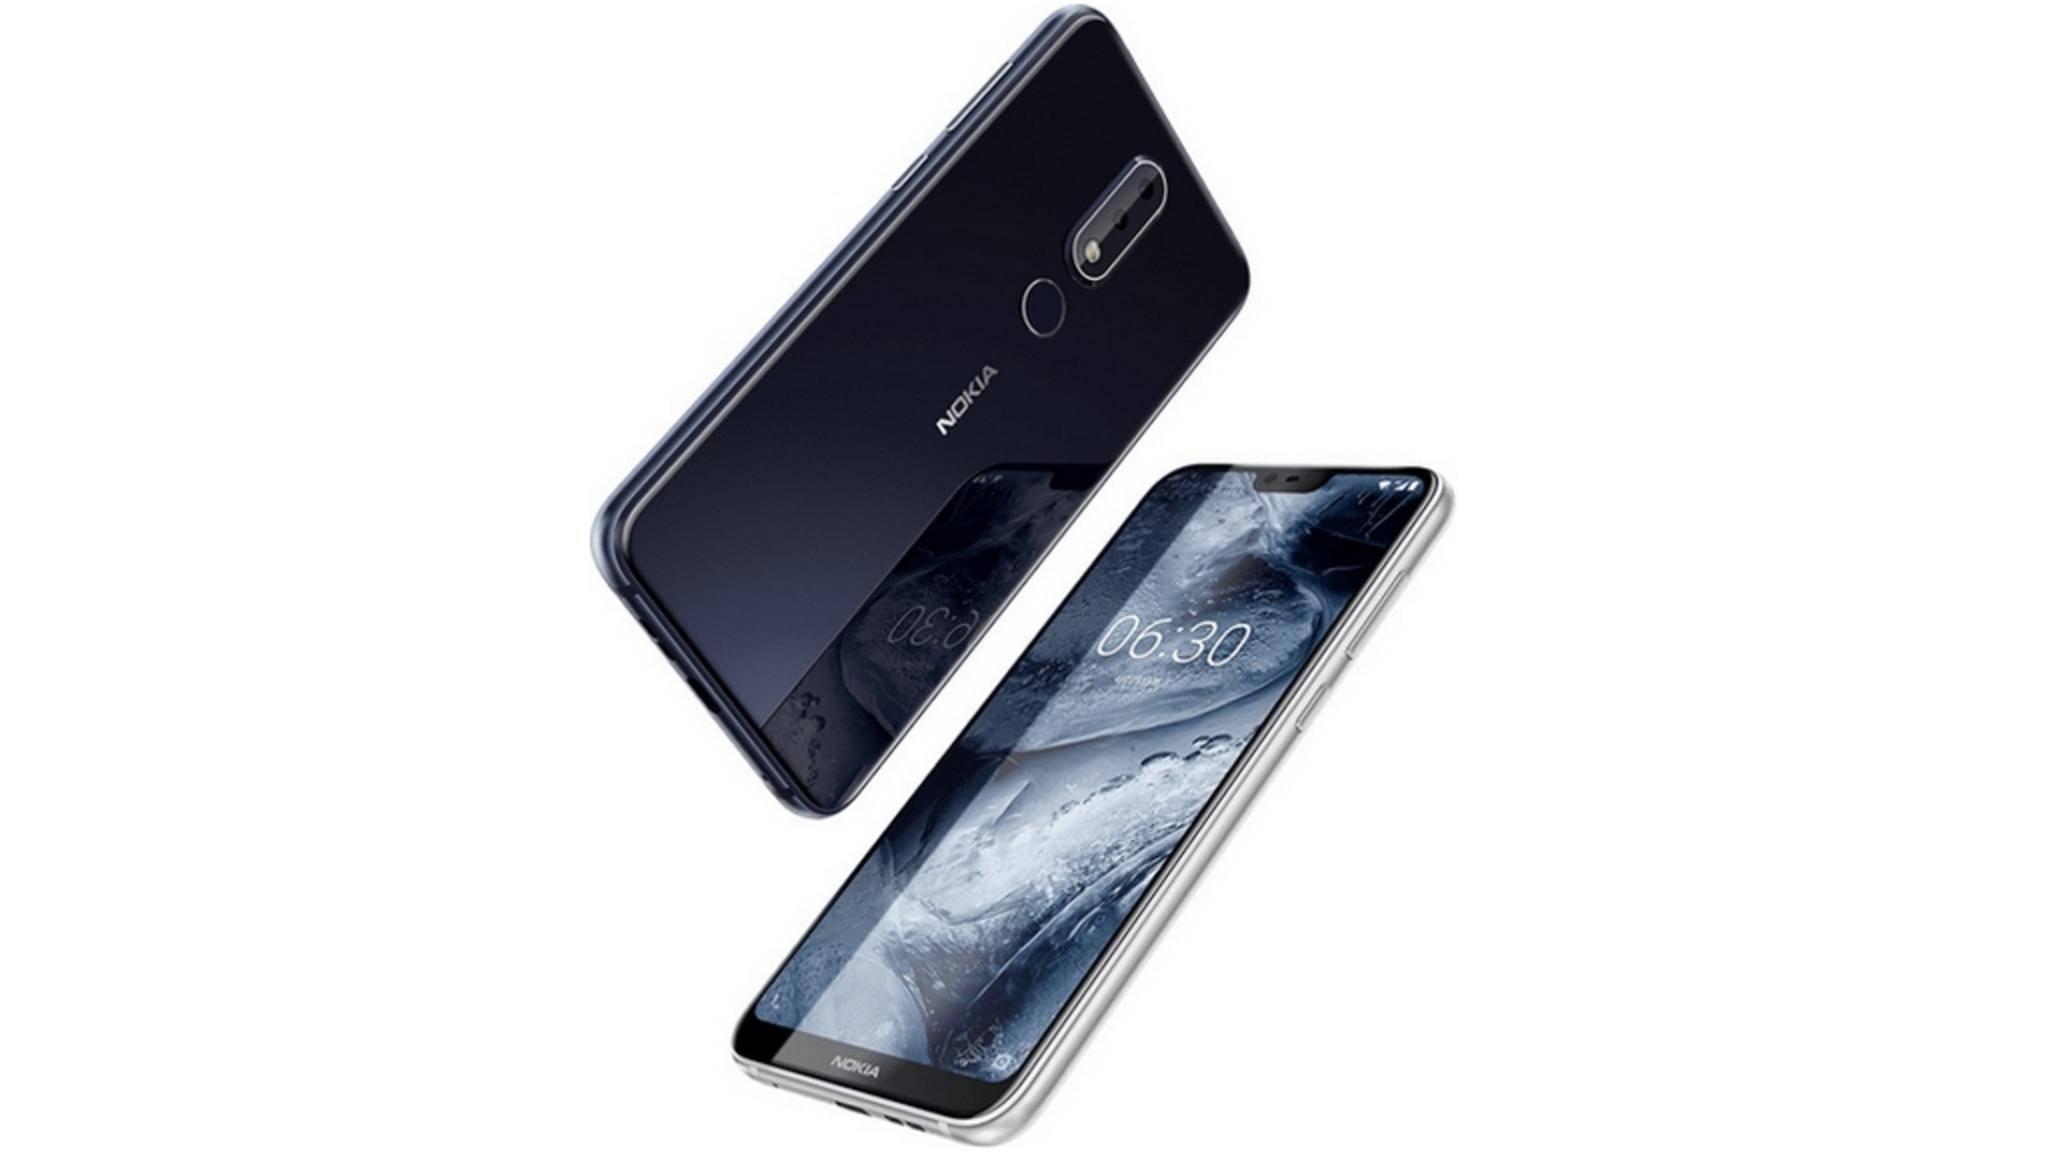 Das Nokia X6 wird wohl nicht China-exklusiv bleiben.